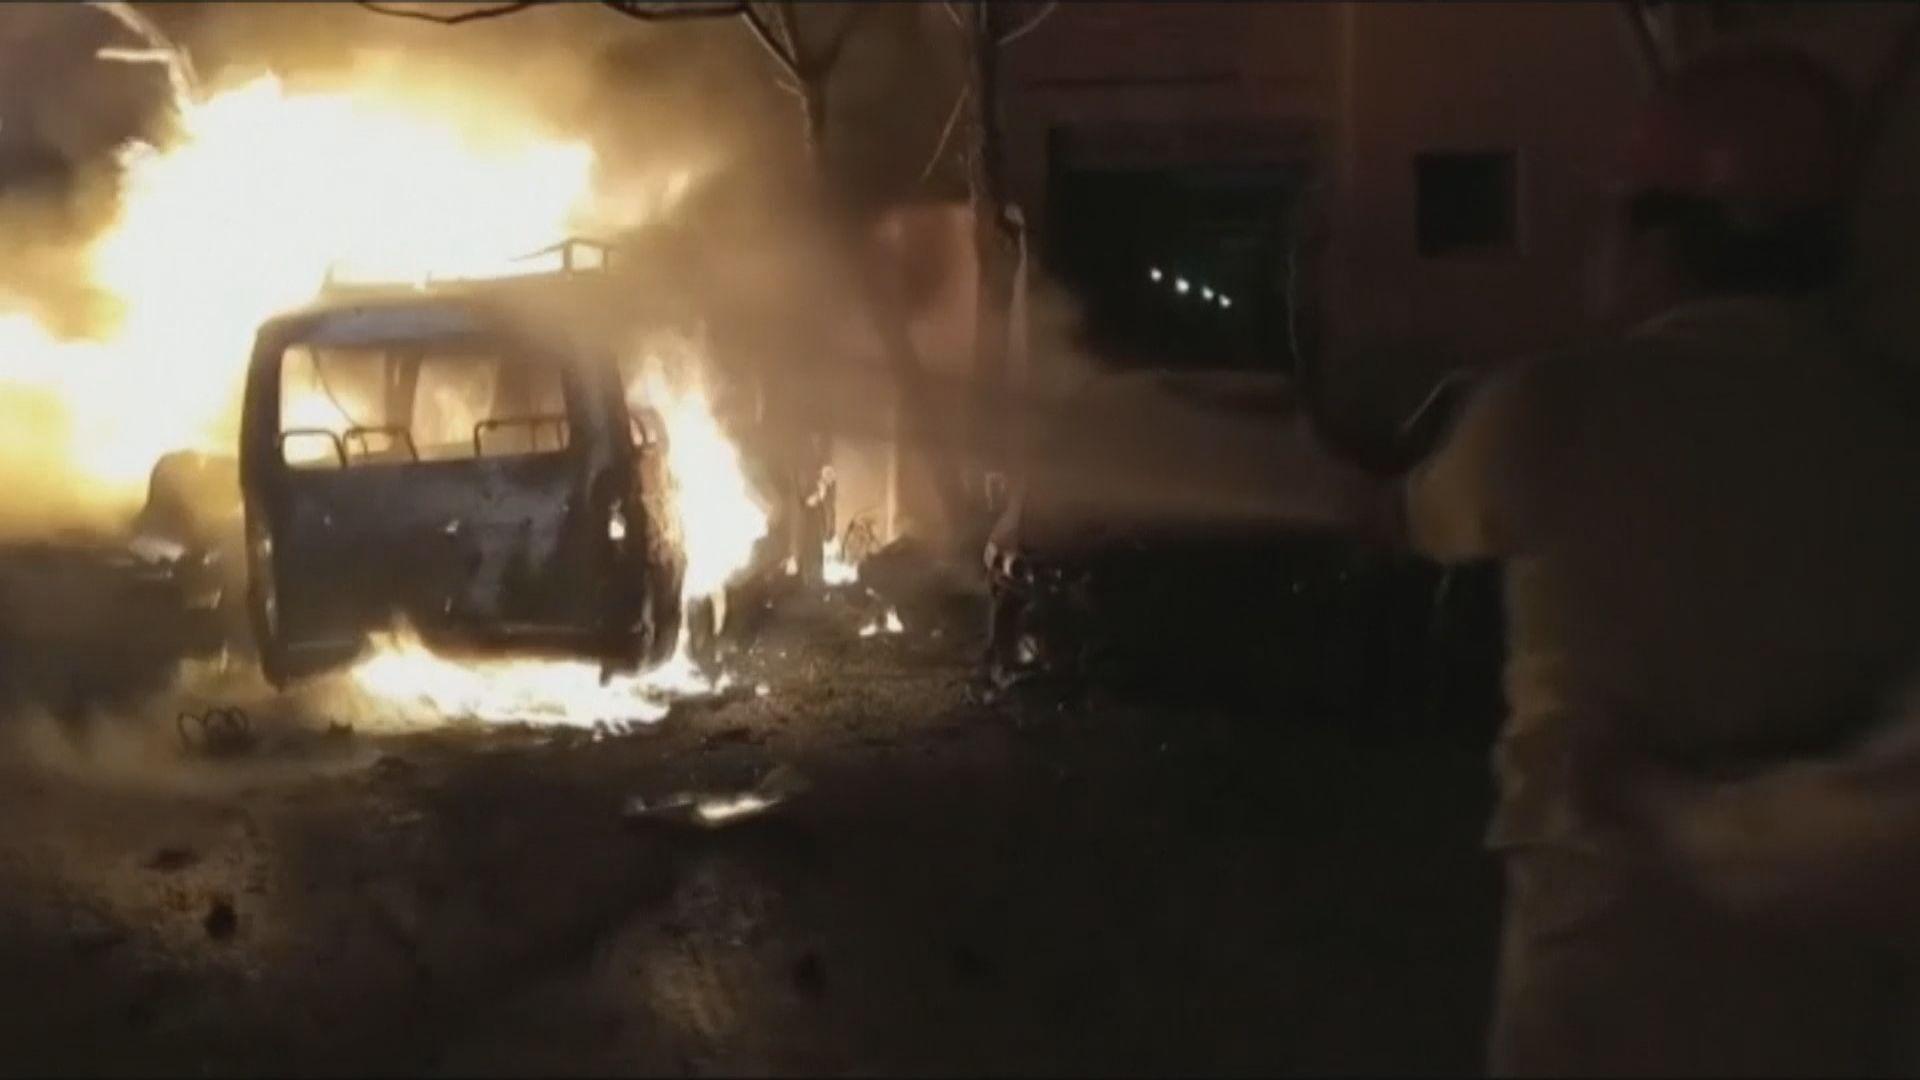 報道指巴基斯坦汽車炸彈襲擊目標為中國駐當地大使 中方強烈譴責